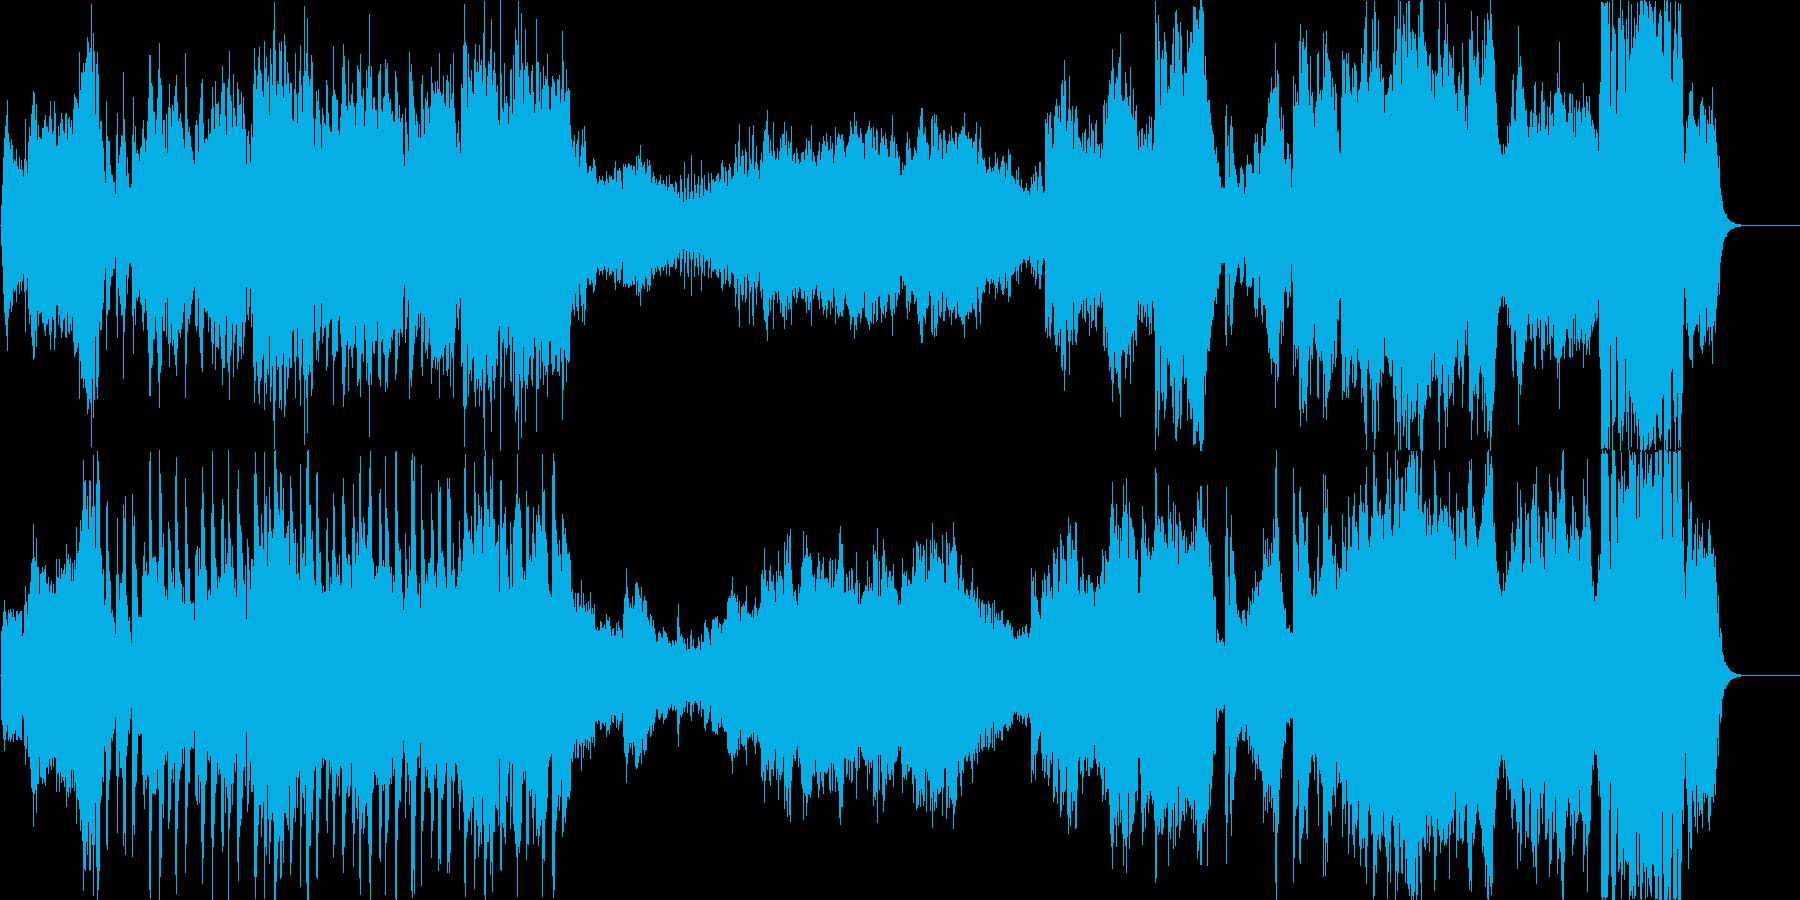 ハリウッド系ファンファーレのオケの再生済みの波形